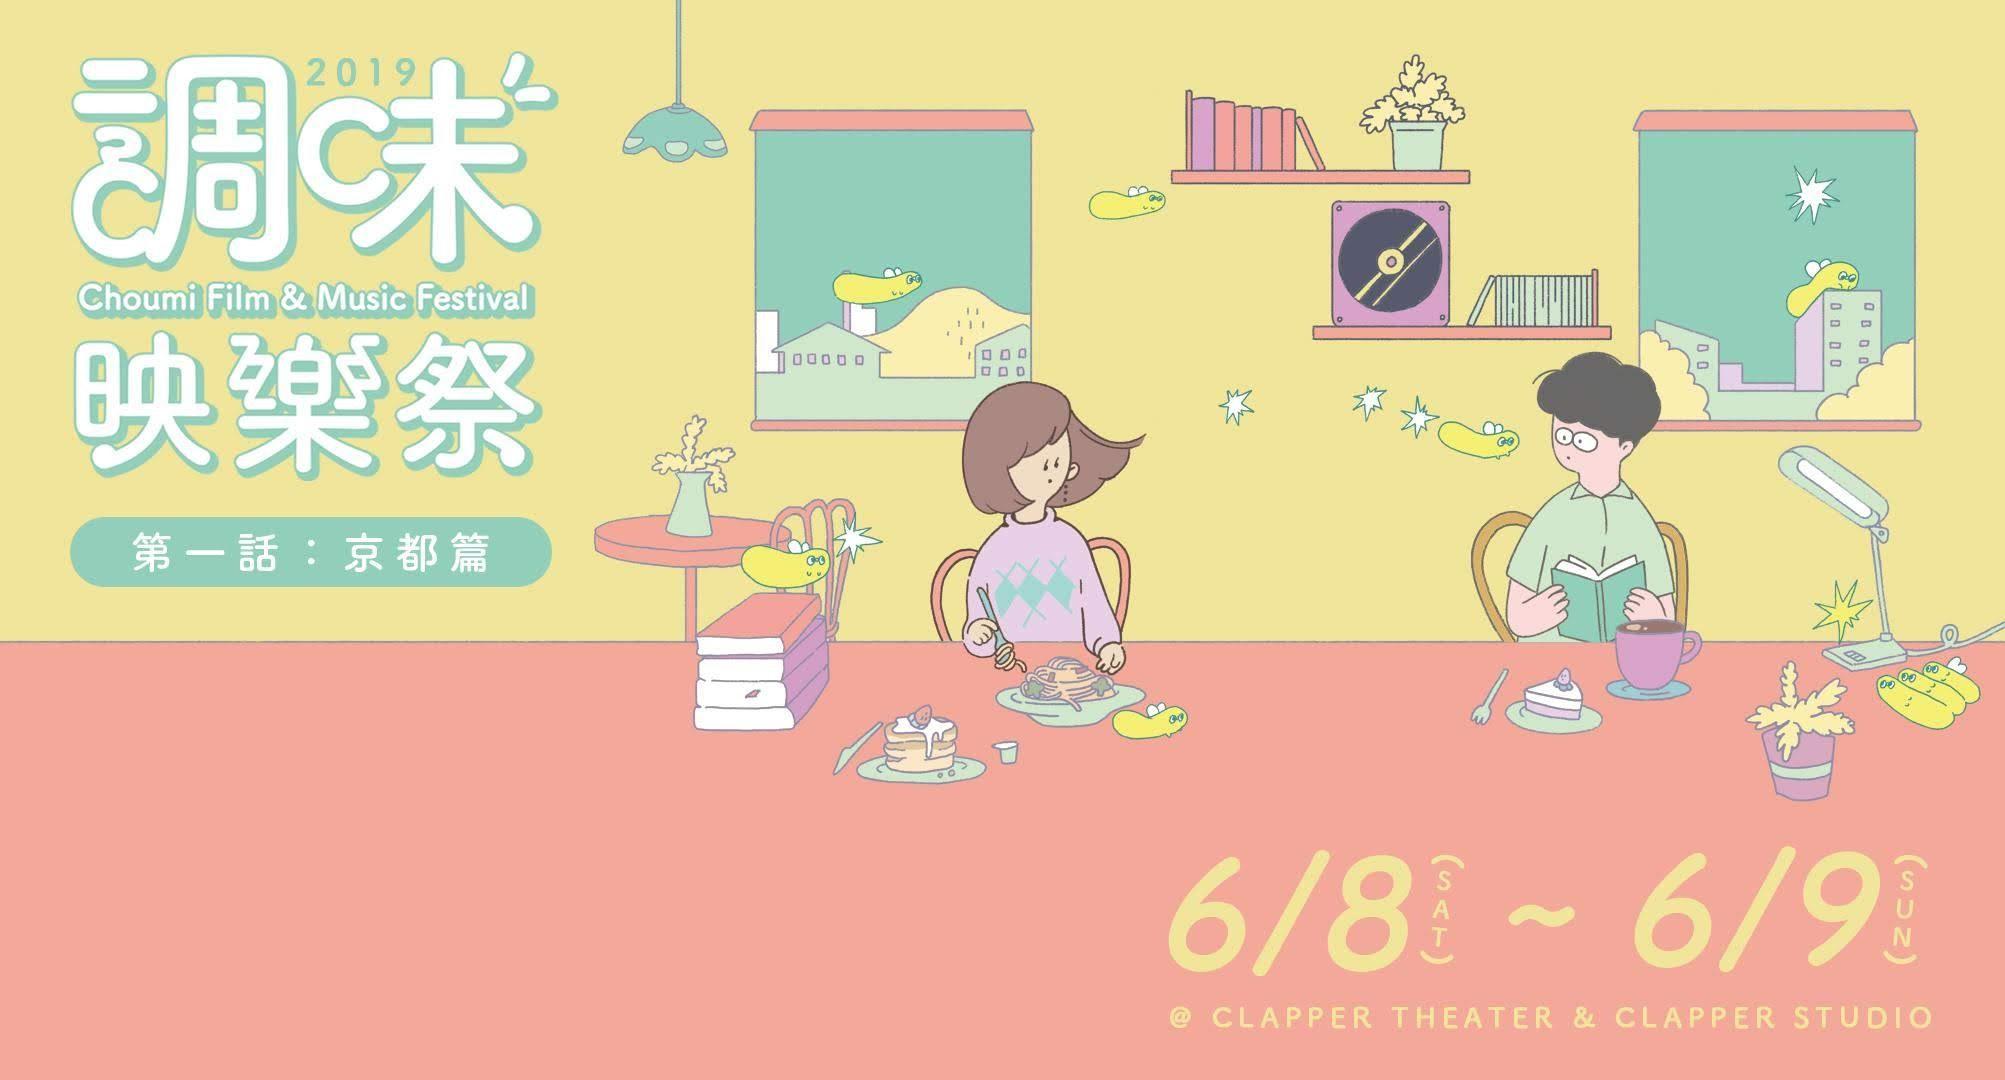 [迷迷演唱會] Choumi 調味映樂祭 Homecomings 和 DSPS 攜手開啟電影、音樂與京都的饗宴